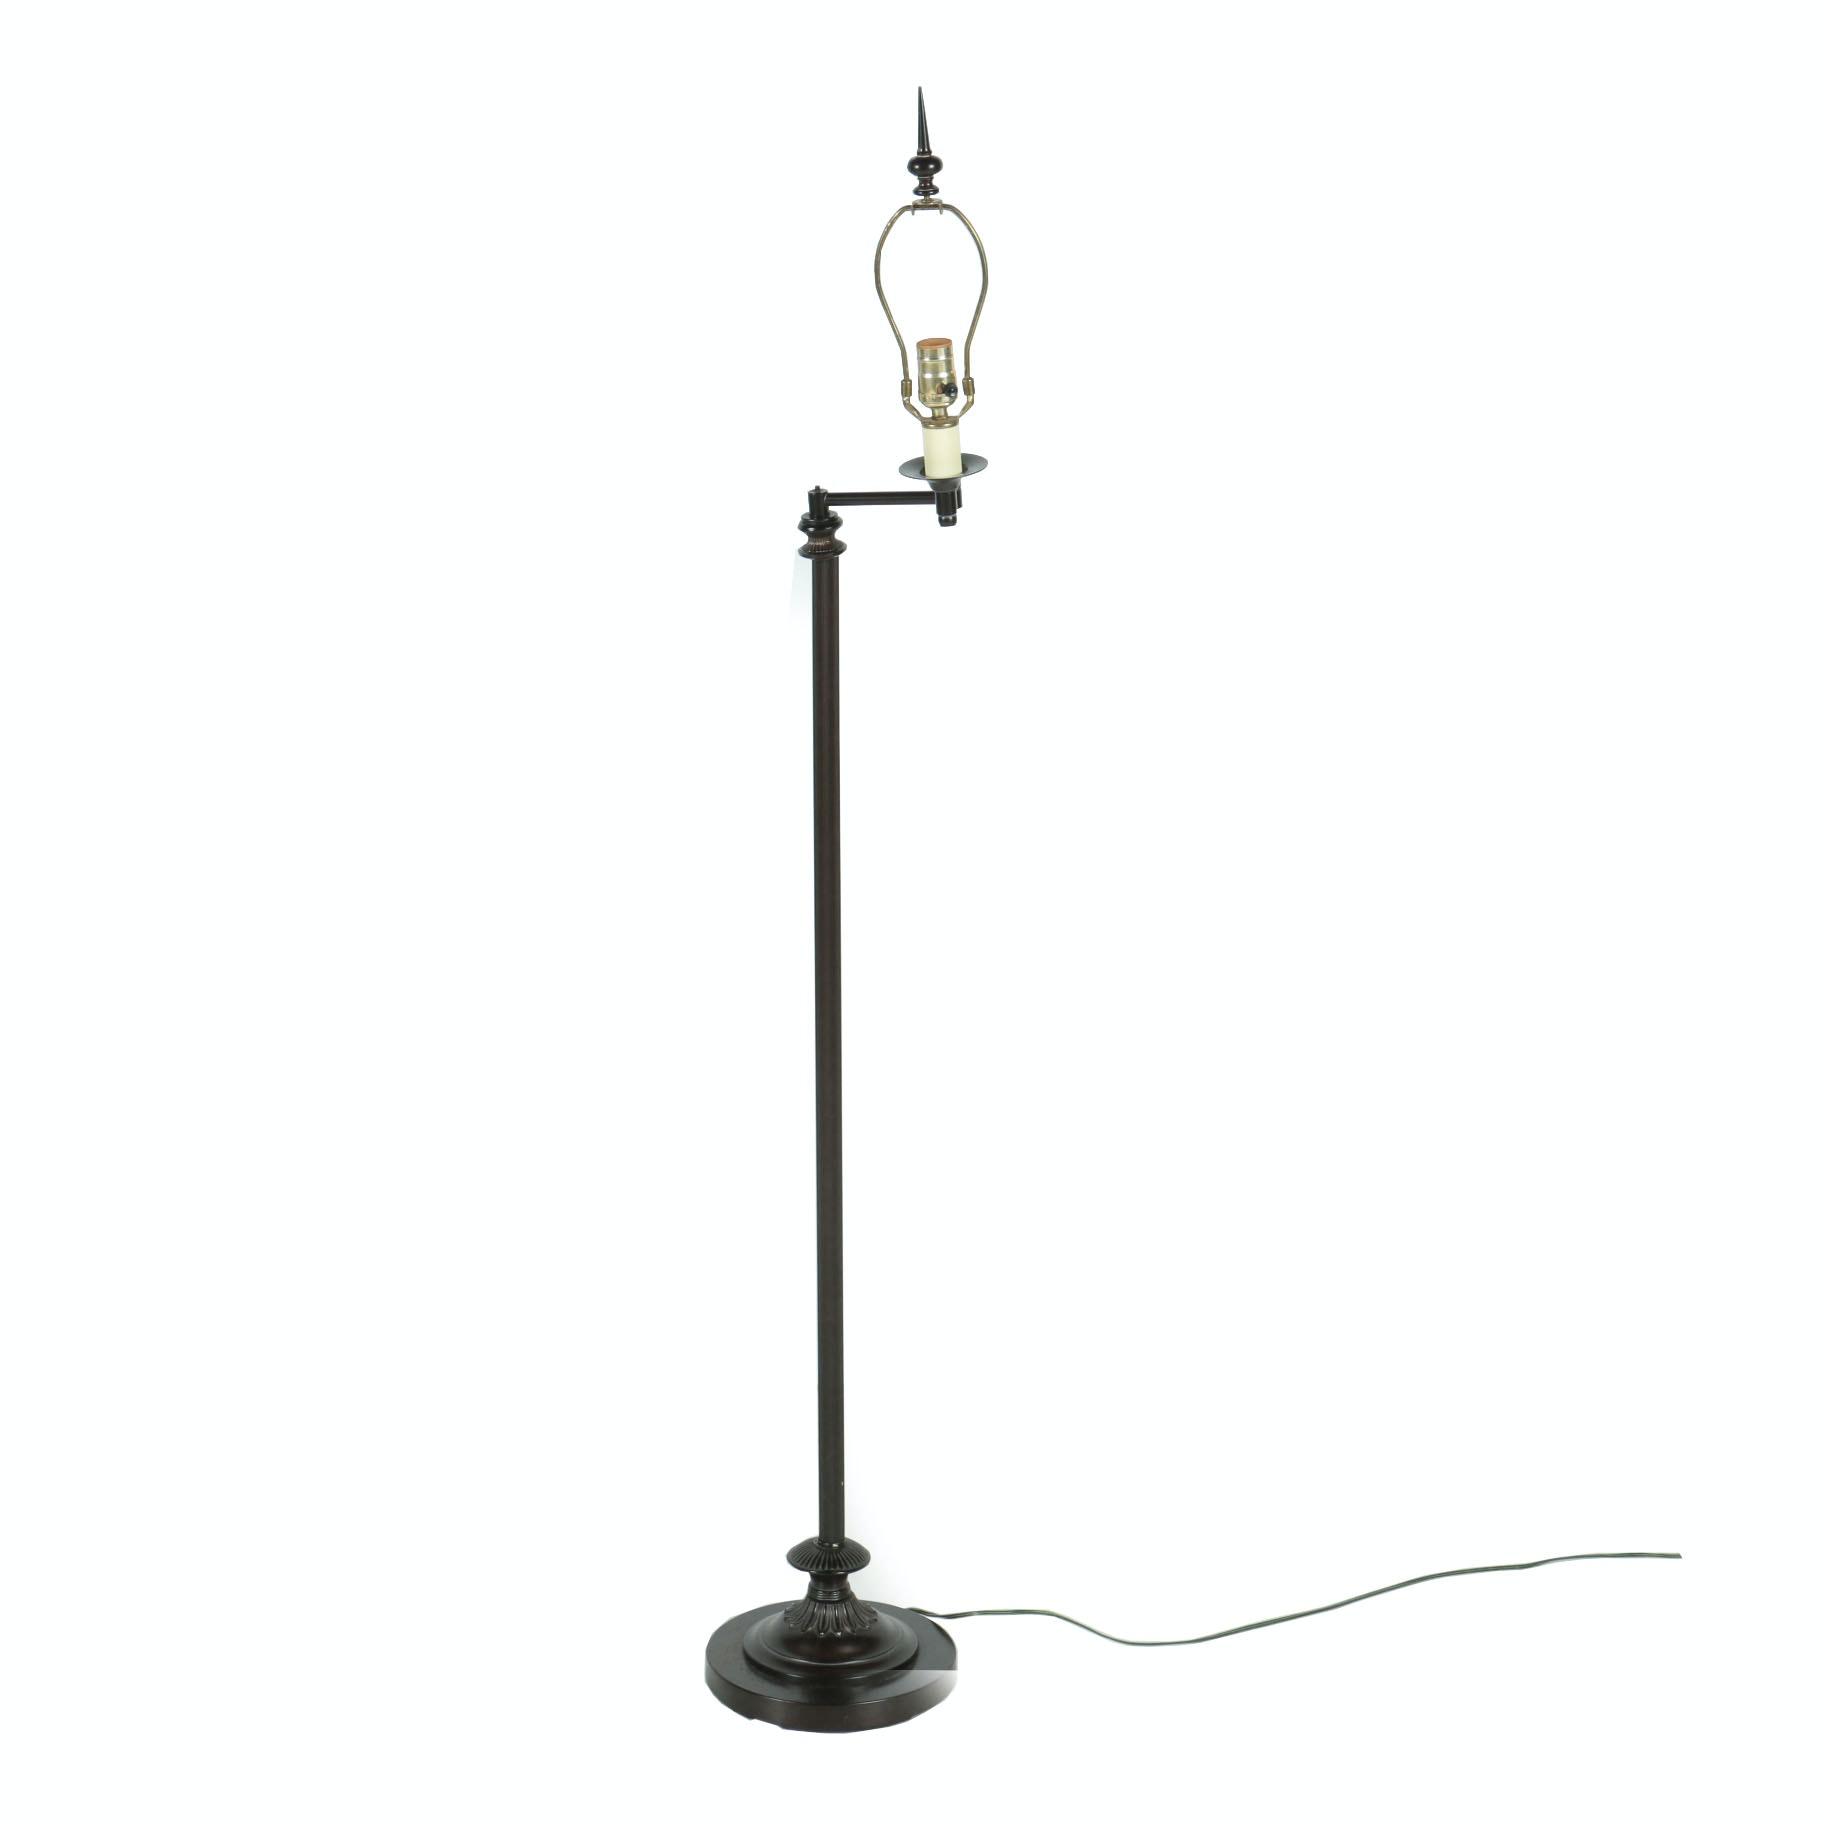 Brown Swing Arm Floor Lamp